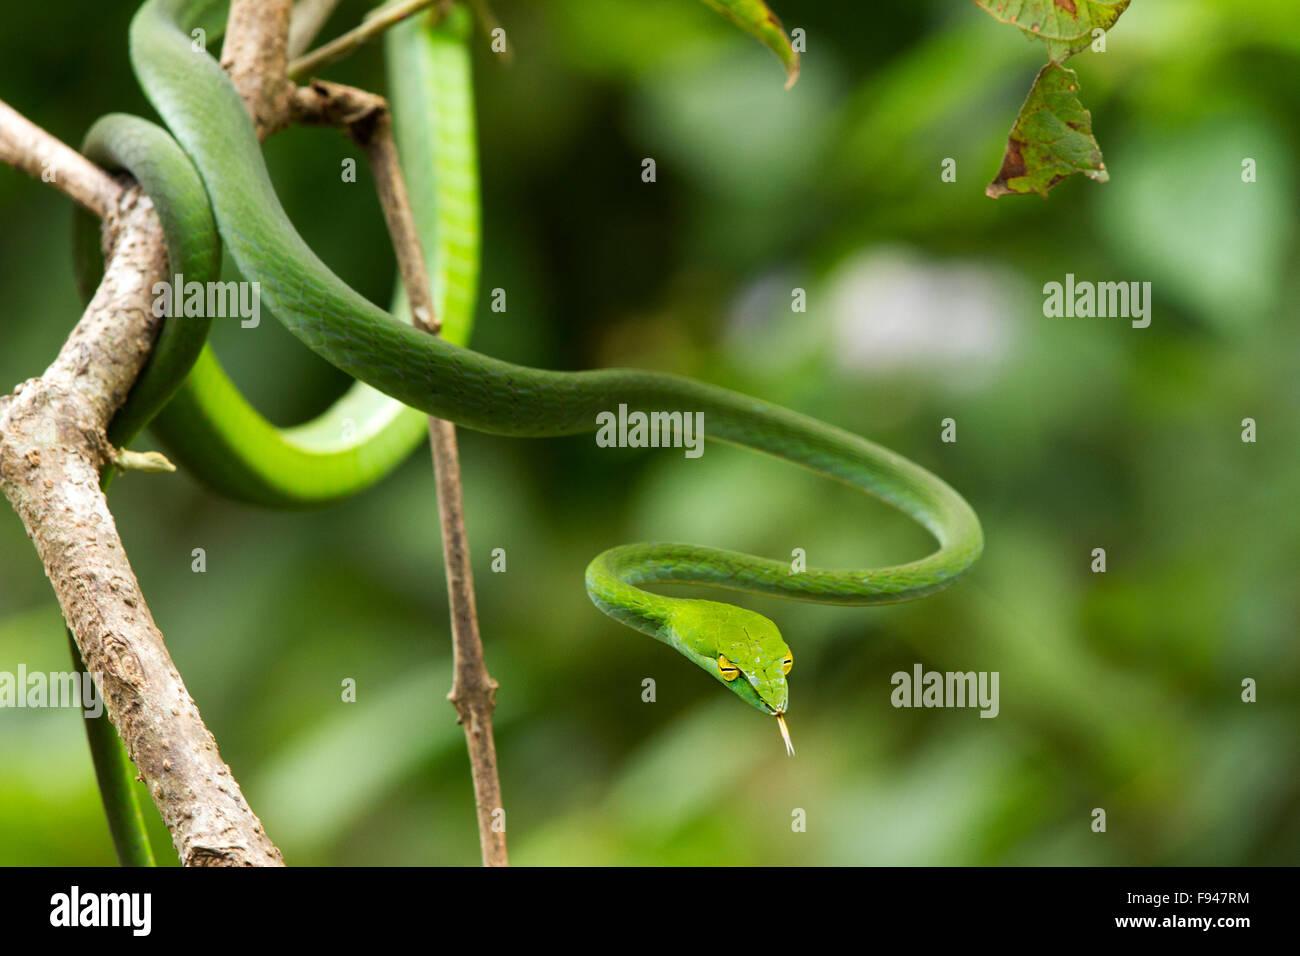 Il Vitigno comune Snake (Ahaetulla nasuta), è una sottile albero verde serpente trovato in India Foto Stock